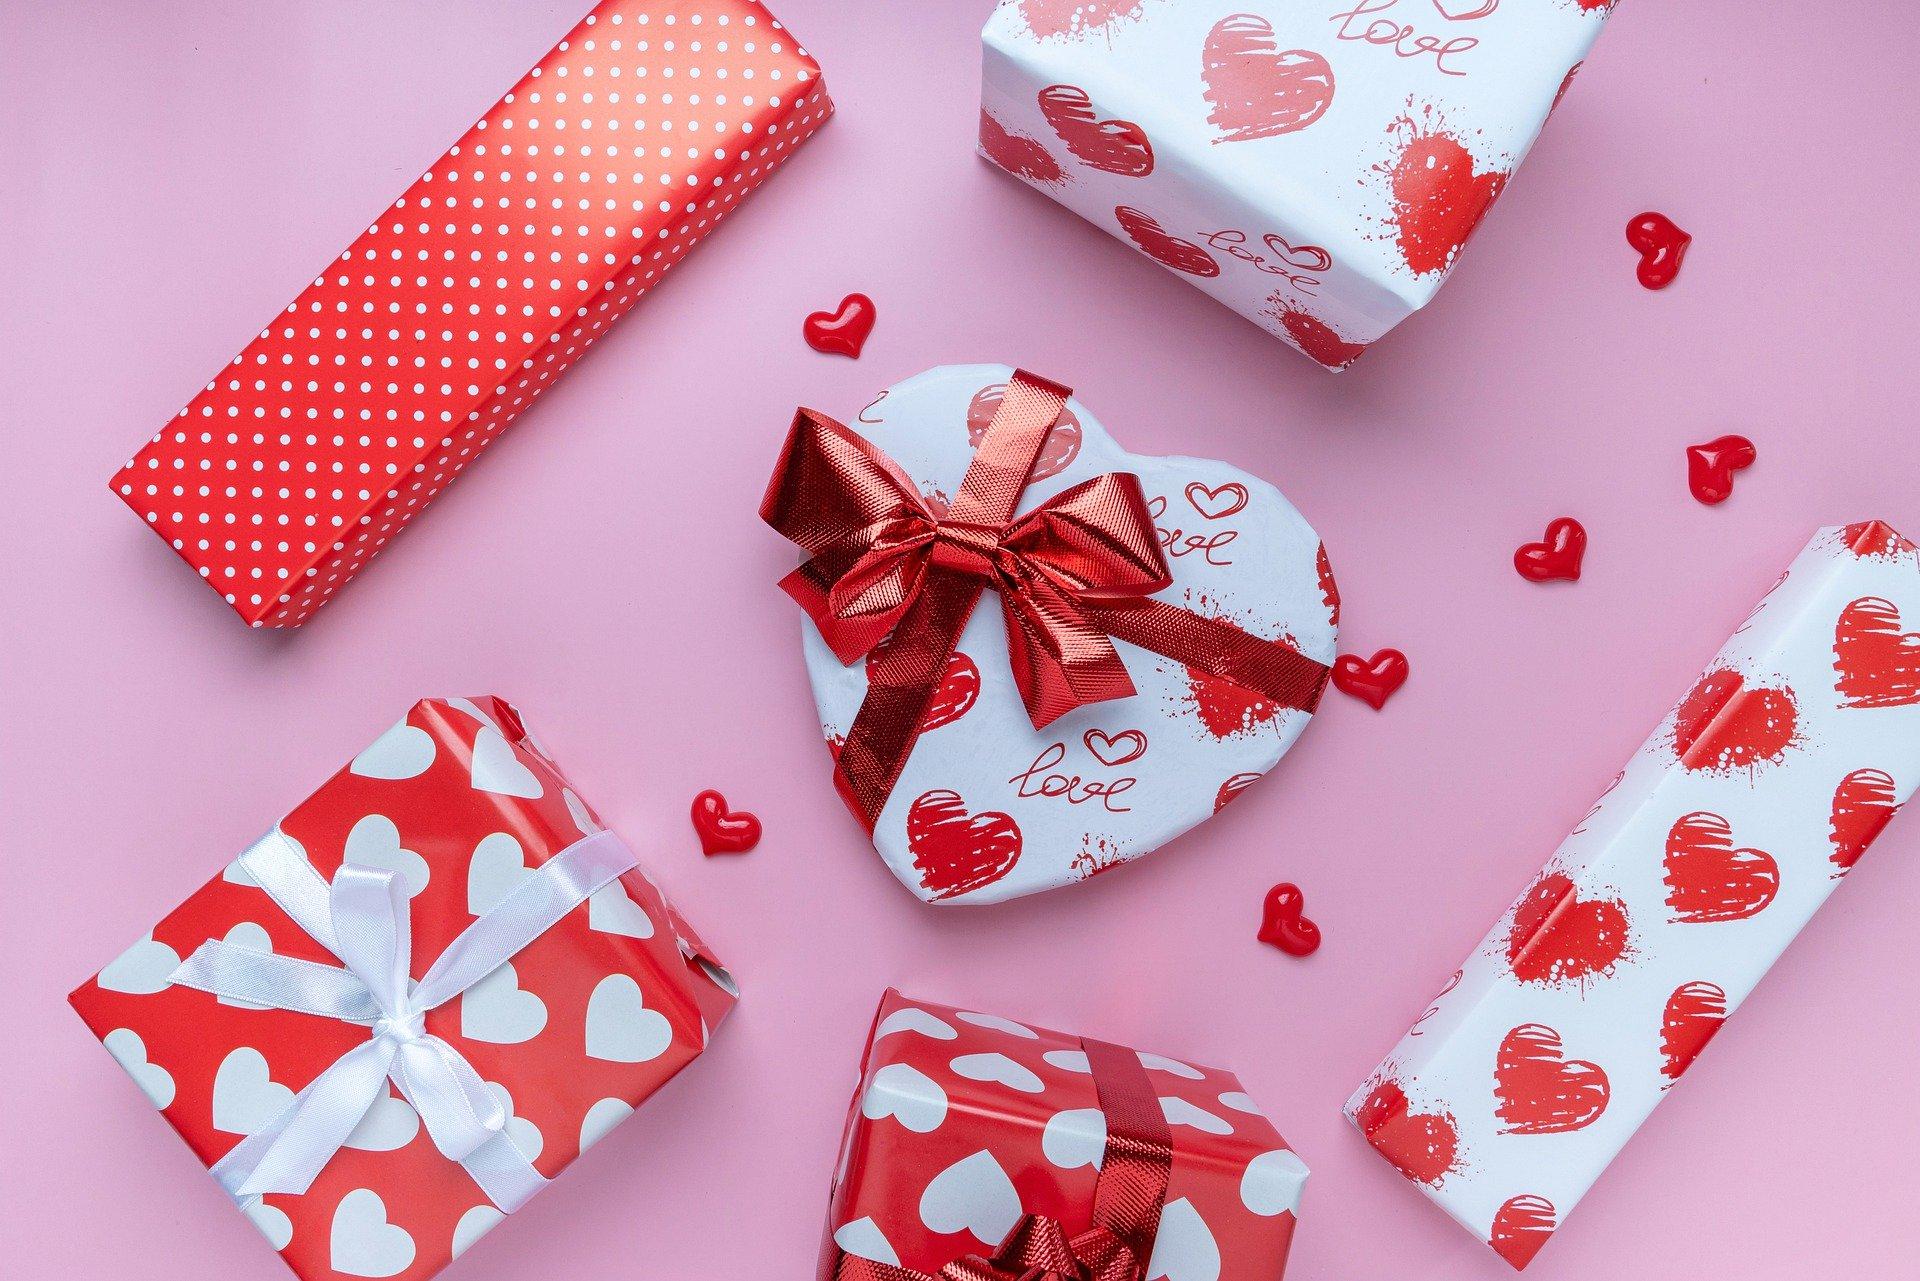 Какие подарки будут на День влюбленных: мягкие игрушки, товары для взрослых, сладкое и массаж?